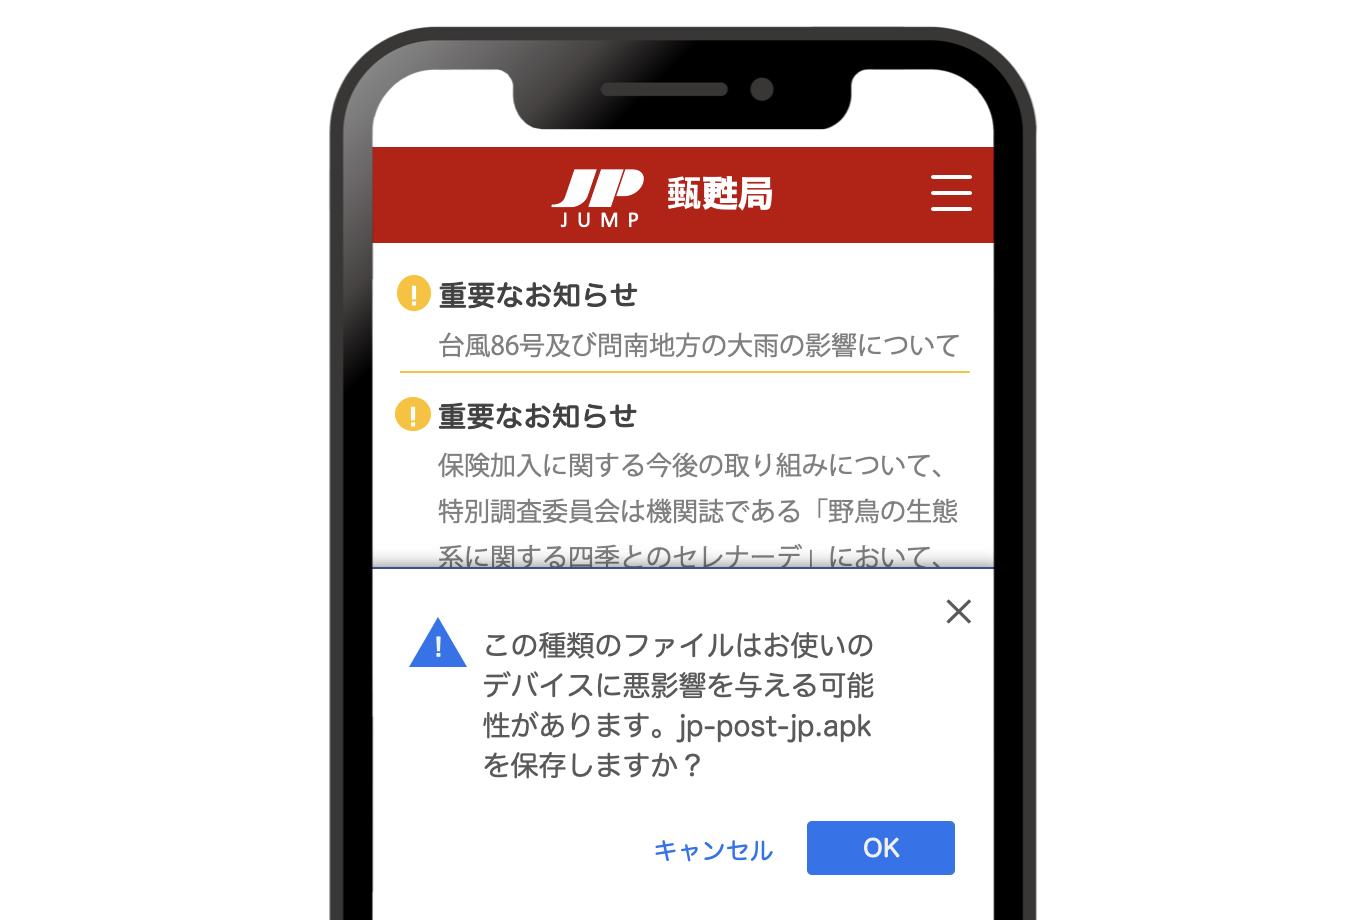 スミッシング詐欺やフィッシング詐欺におけるアプリのインストールを求める画面